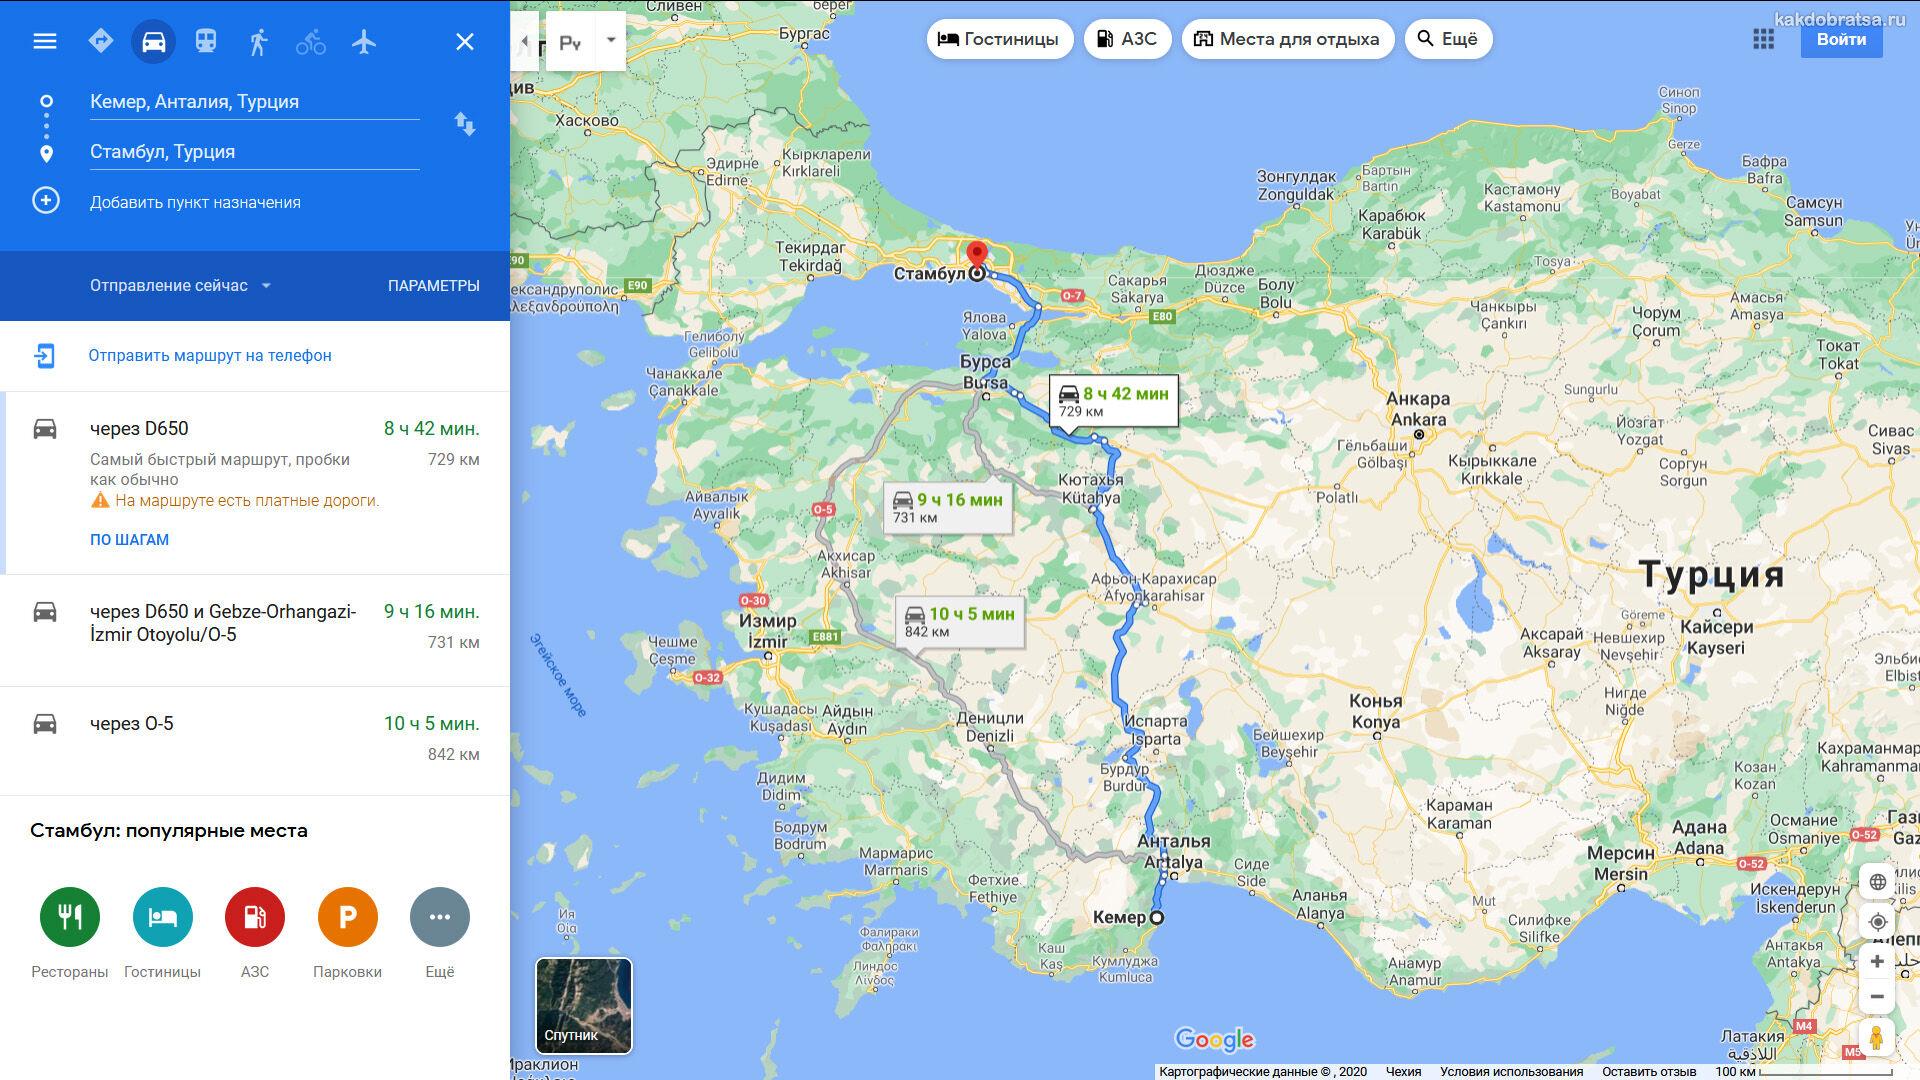 Как добраться из Кемера в Анталию на автомобиле с картой